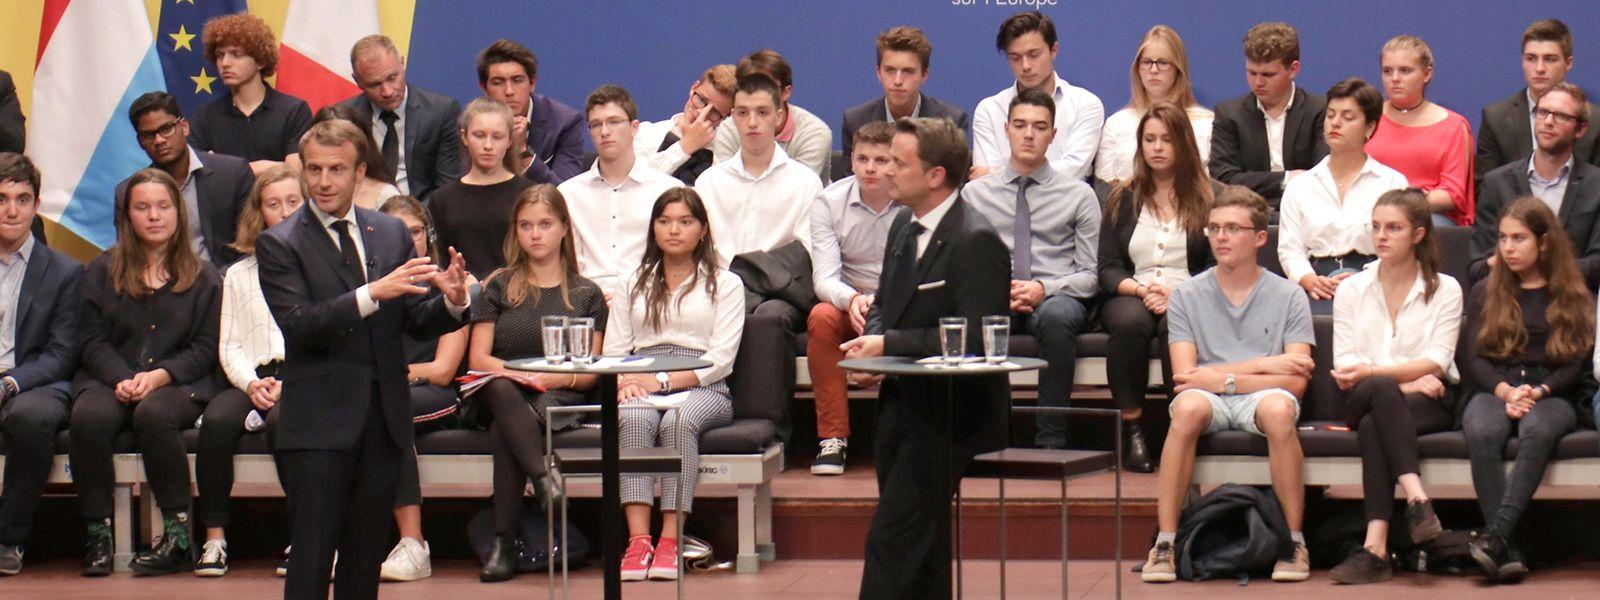 Emmanuel Macron und Xavier Bettel in der Philharmonie: Europa als Wahlkampfkulisse?